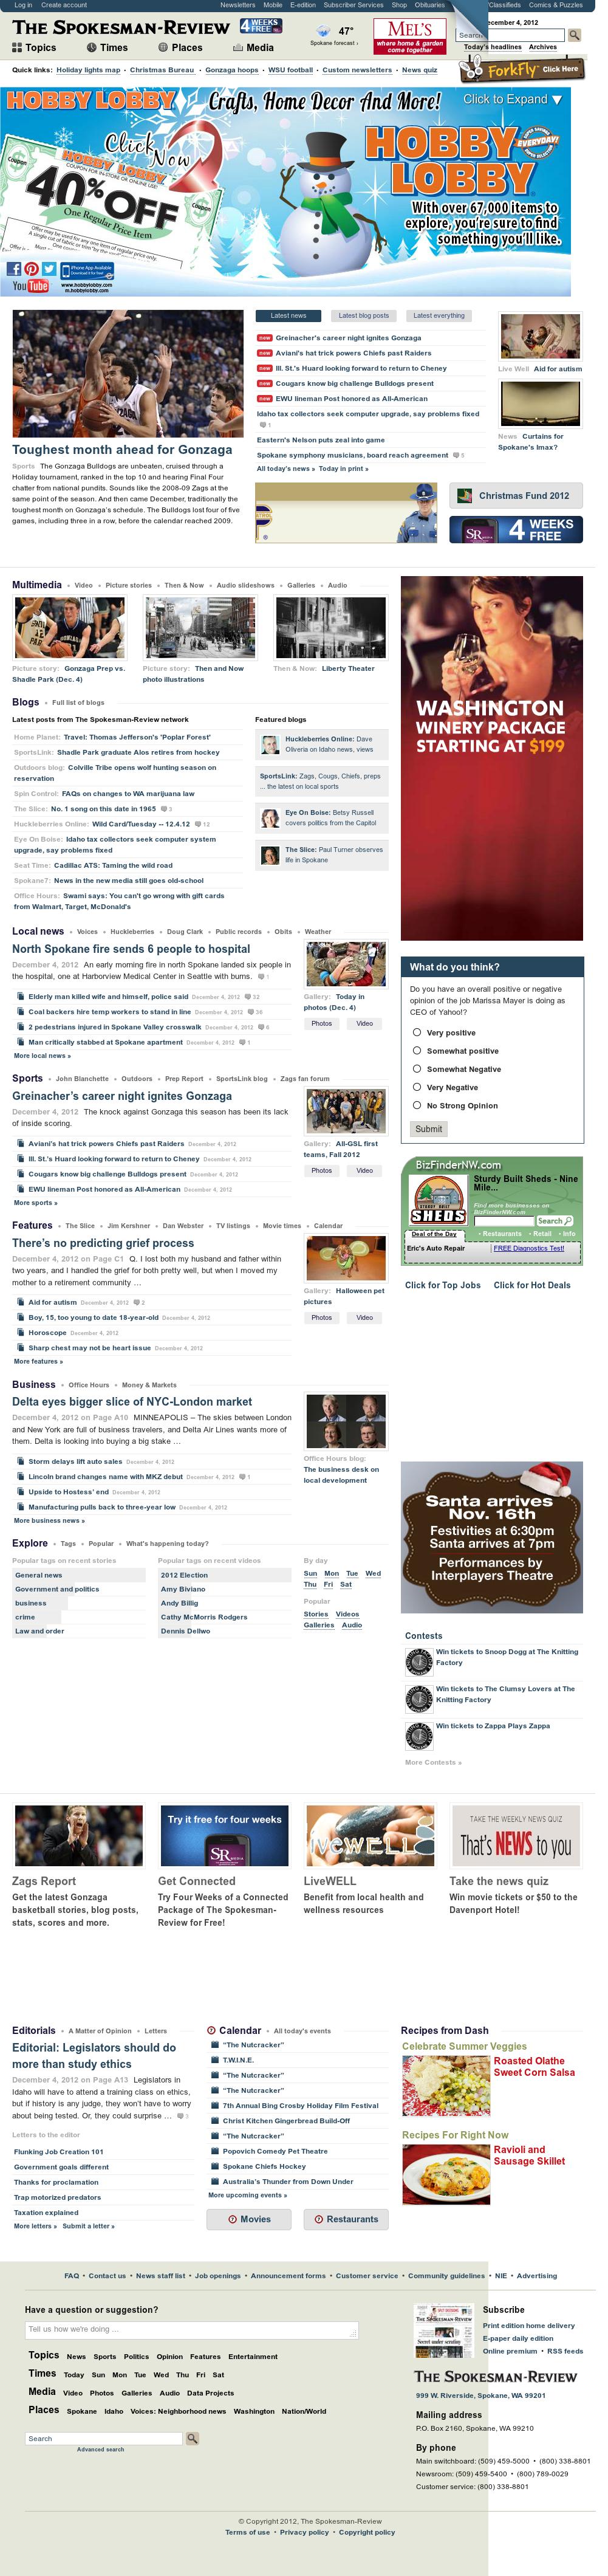 The (Spokane) Spokesman-Review at Wednesday Dec. 5, 2012, 7:33 a.m. UTC